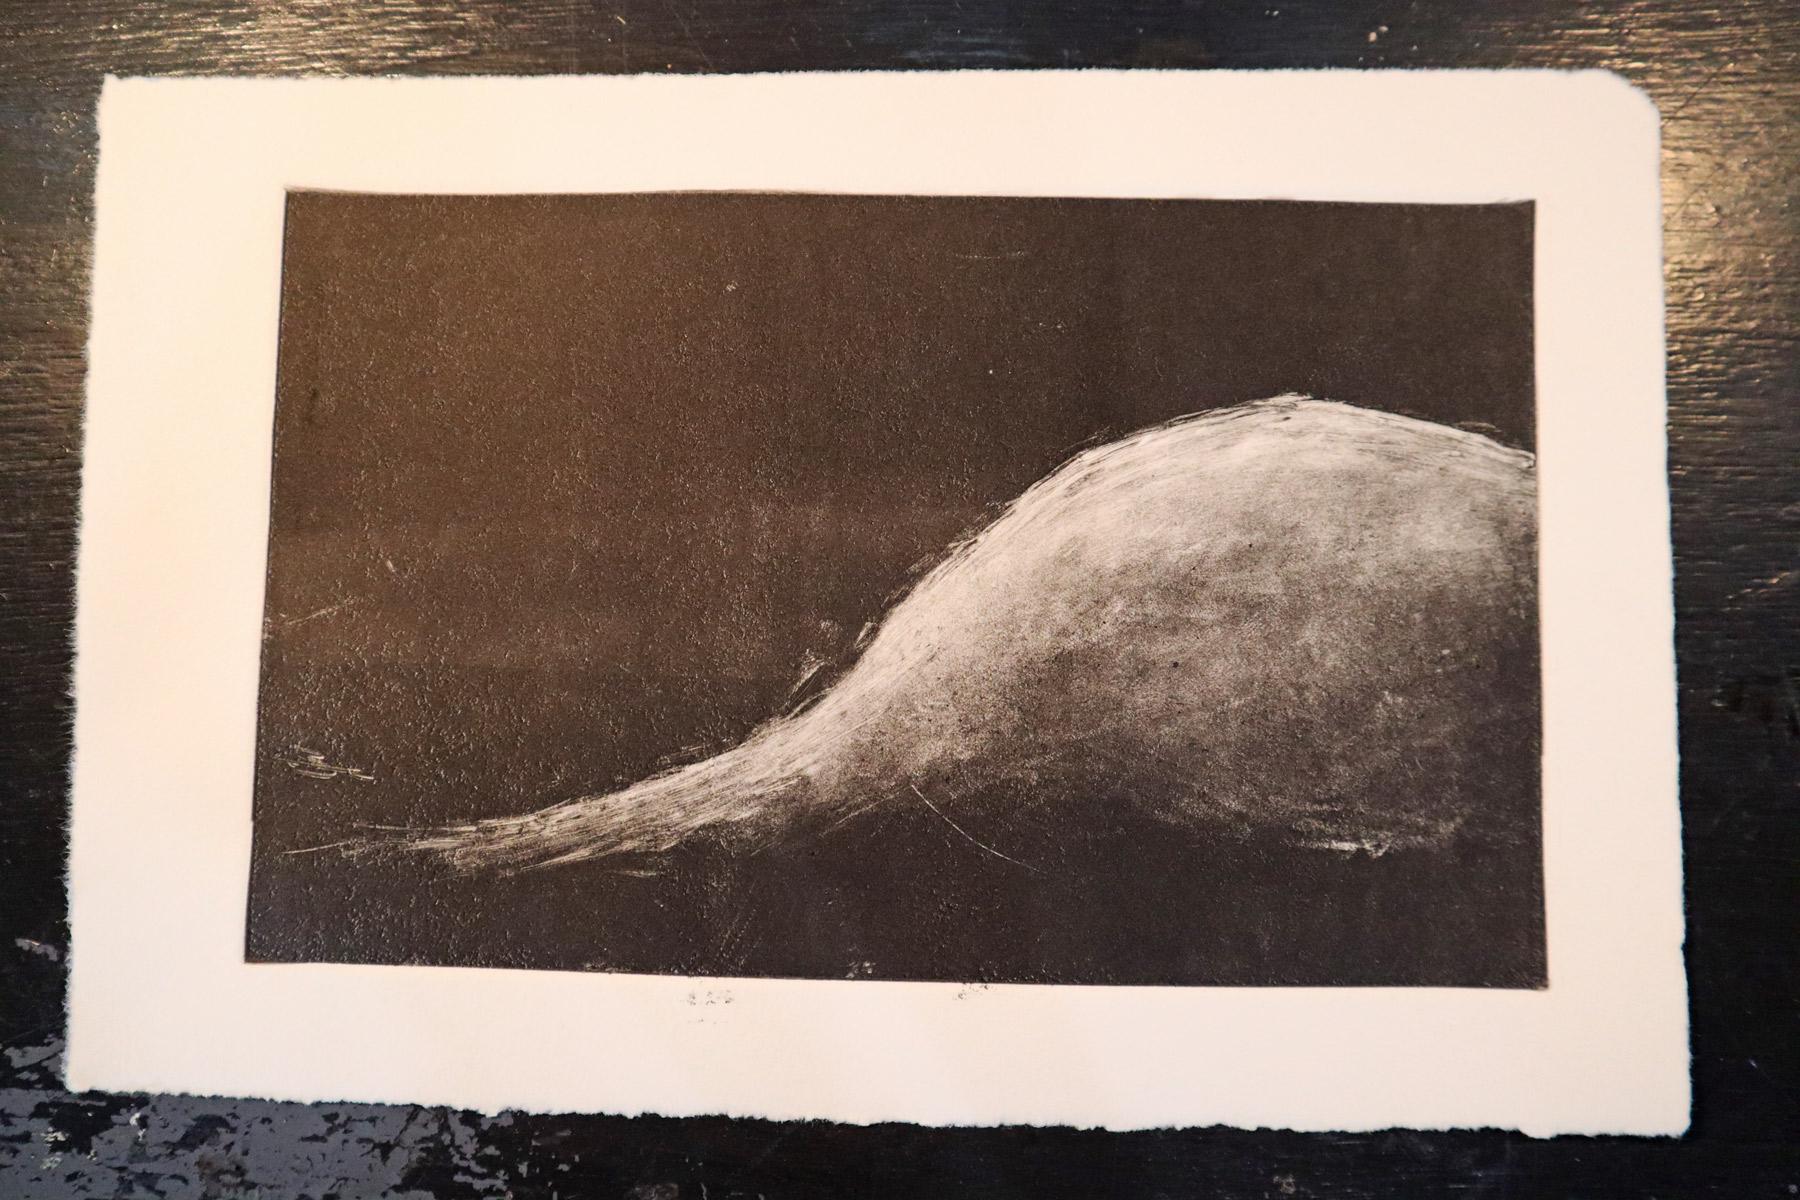 残酷で不条理に満ちた世界観で人々を魅了するカルト的絵本作家  エドワード・ゴーリーの優雅な秘密 練馬区立美術館